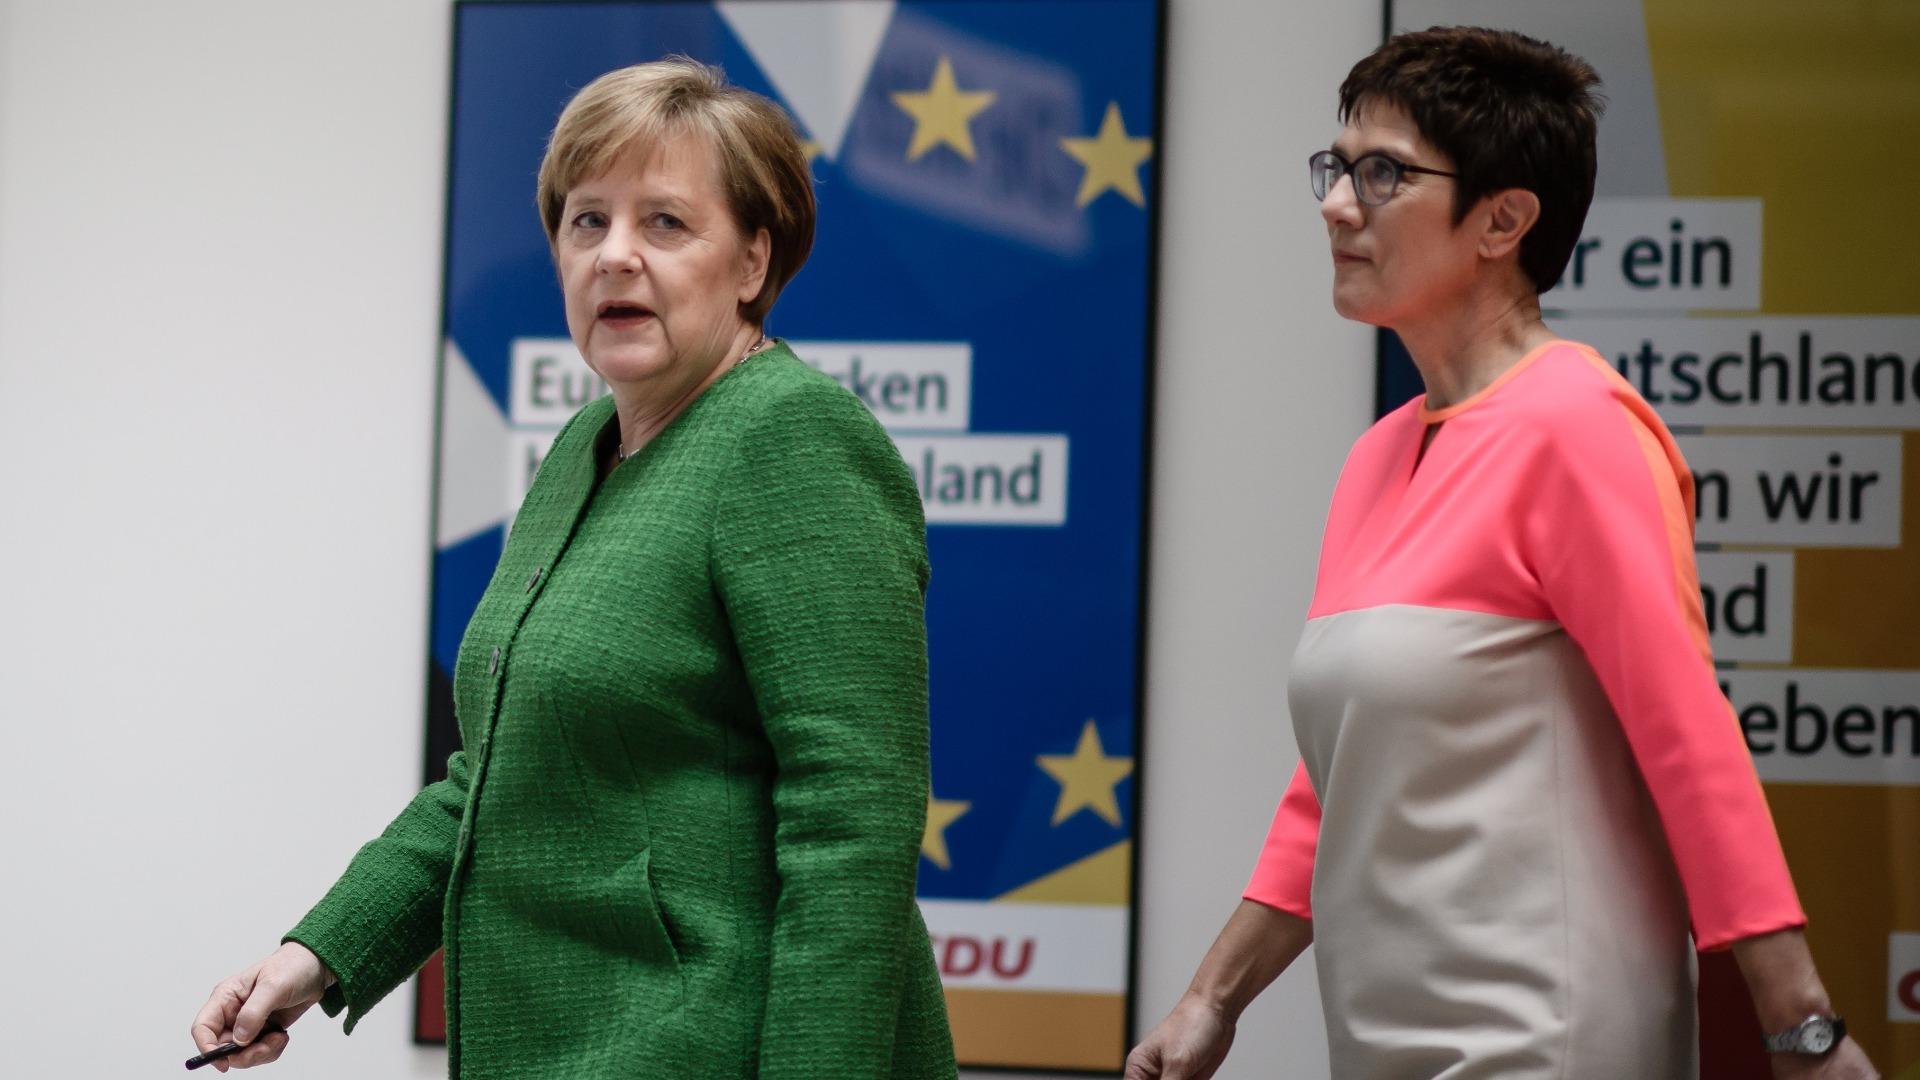 Германският канцлер Ангела Меркел посочи политическия си наследник, спекулират днес